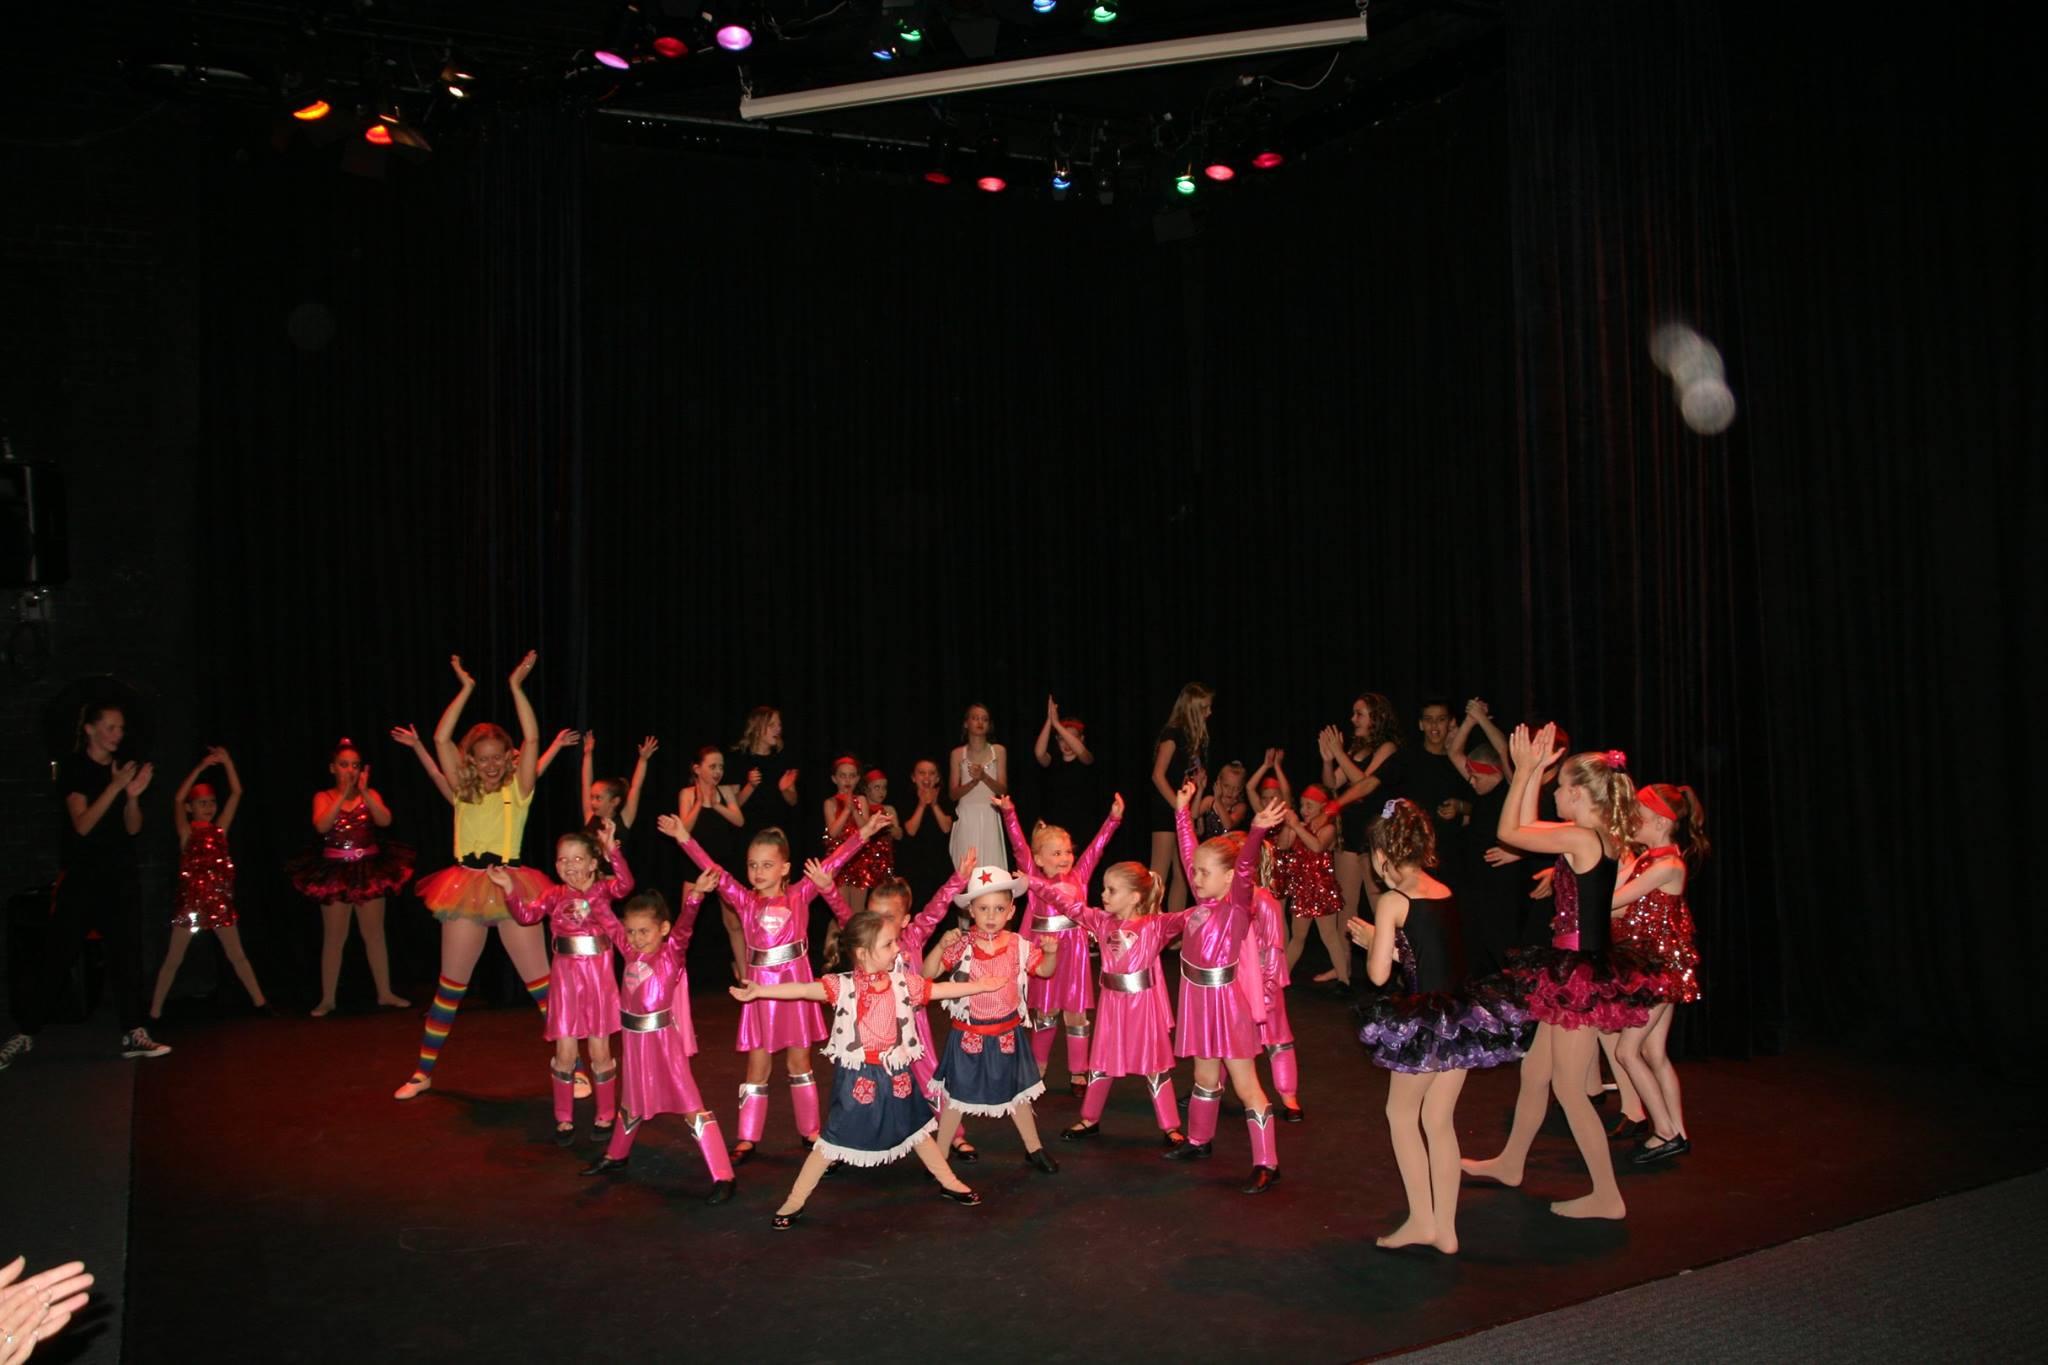 Finale Dance 2015 Concert